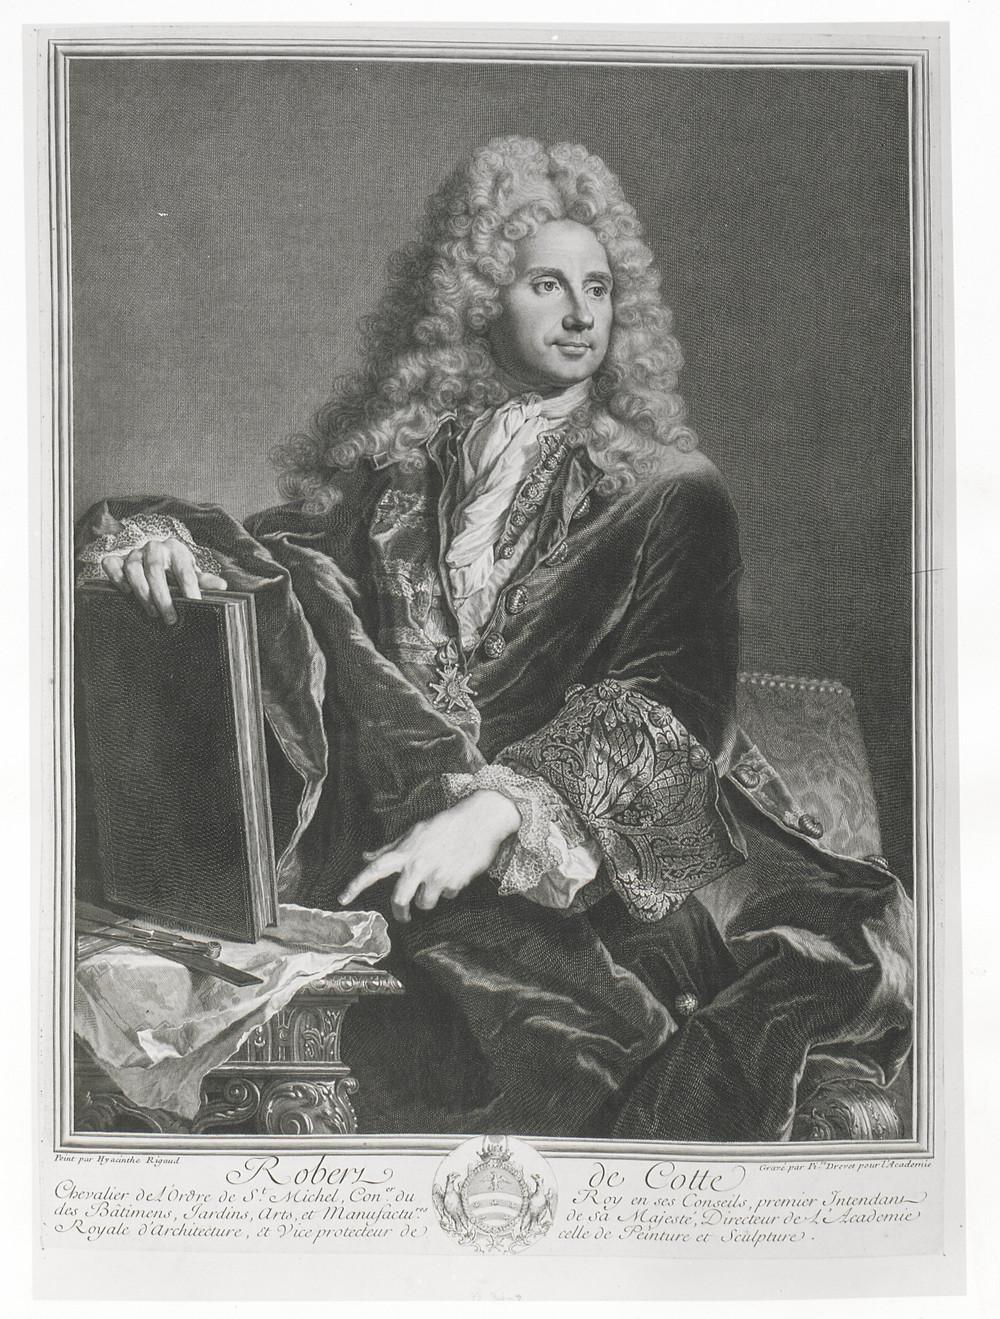 Pierre Drevet d'après Hyacinthe Rigaud, Portrait de Robert de Cotte, 1717-1722, Paris, BnF, département des Estampes et de la photographie, inv. Da. 64 p. 113 [55]